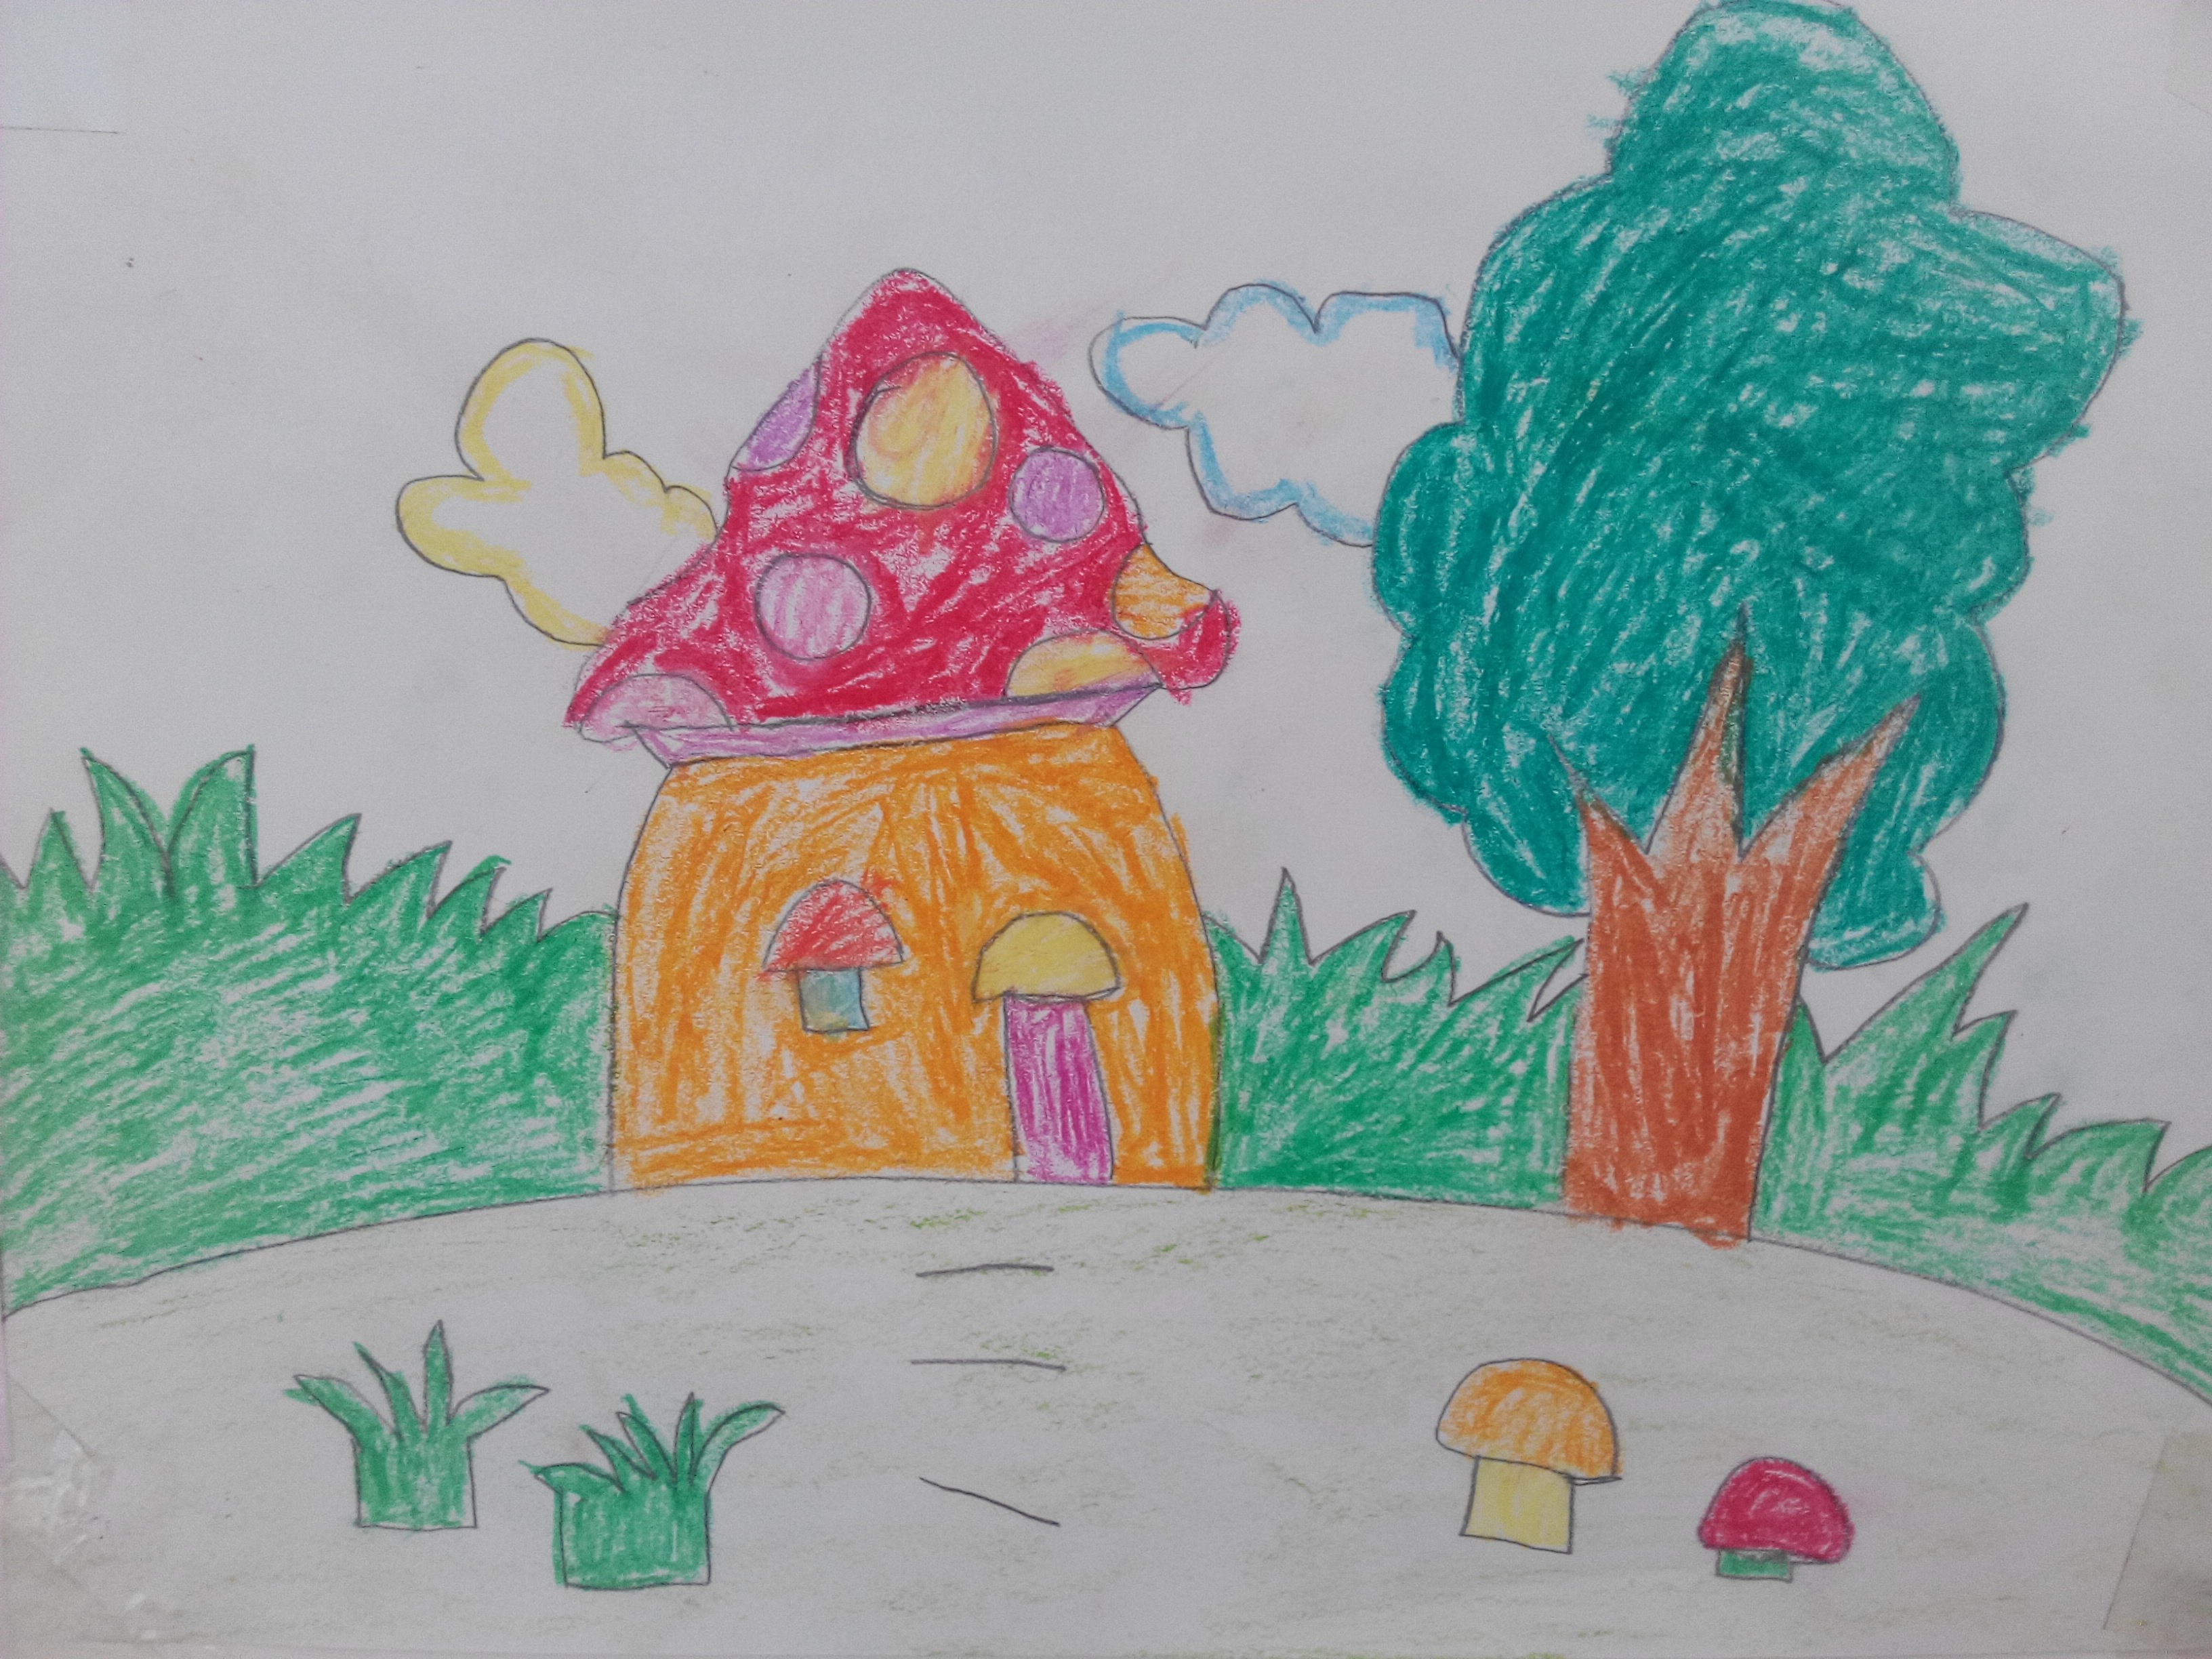 作品名称: 《蘑菇屋》